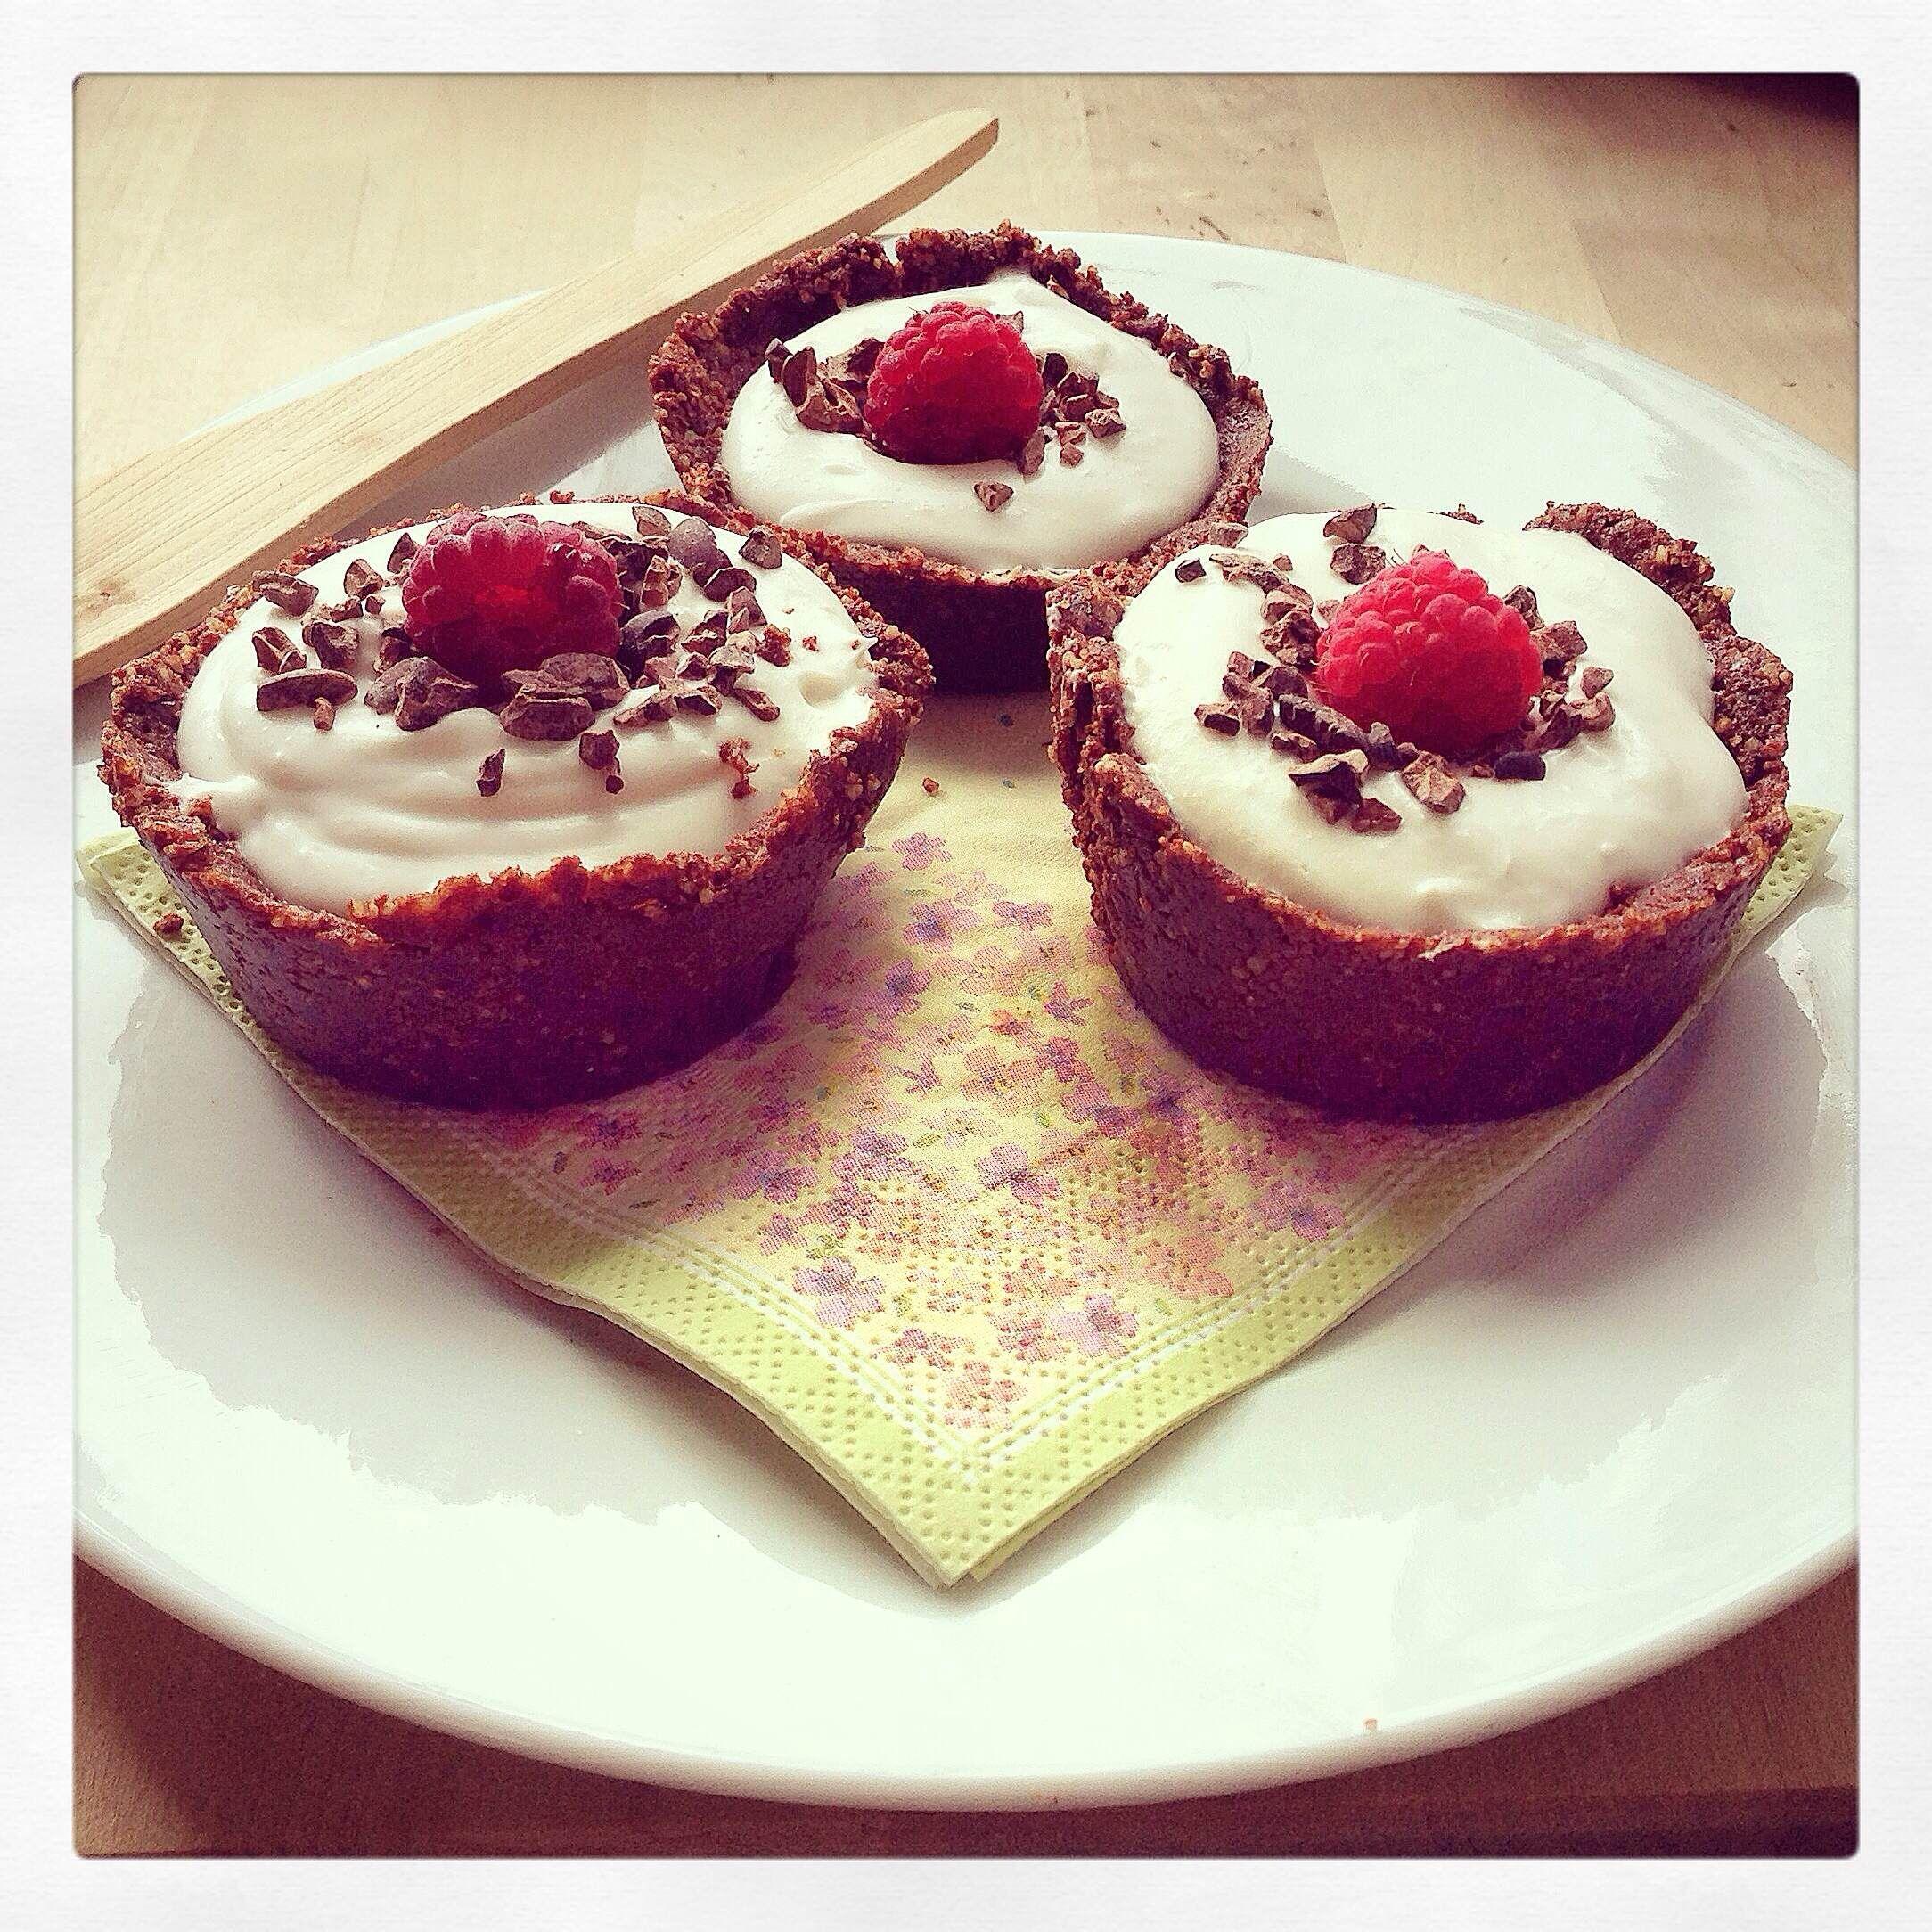 Kokosnuss Cream Törtchen im rohen Schokoladencup